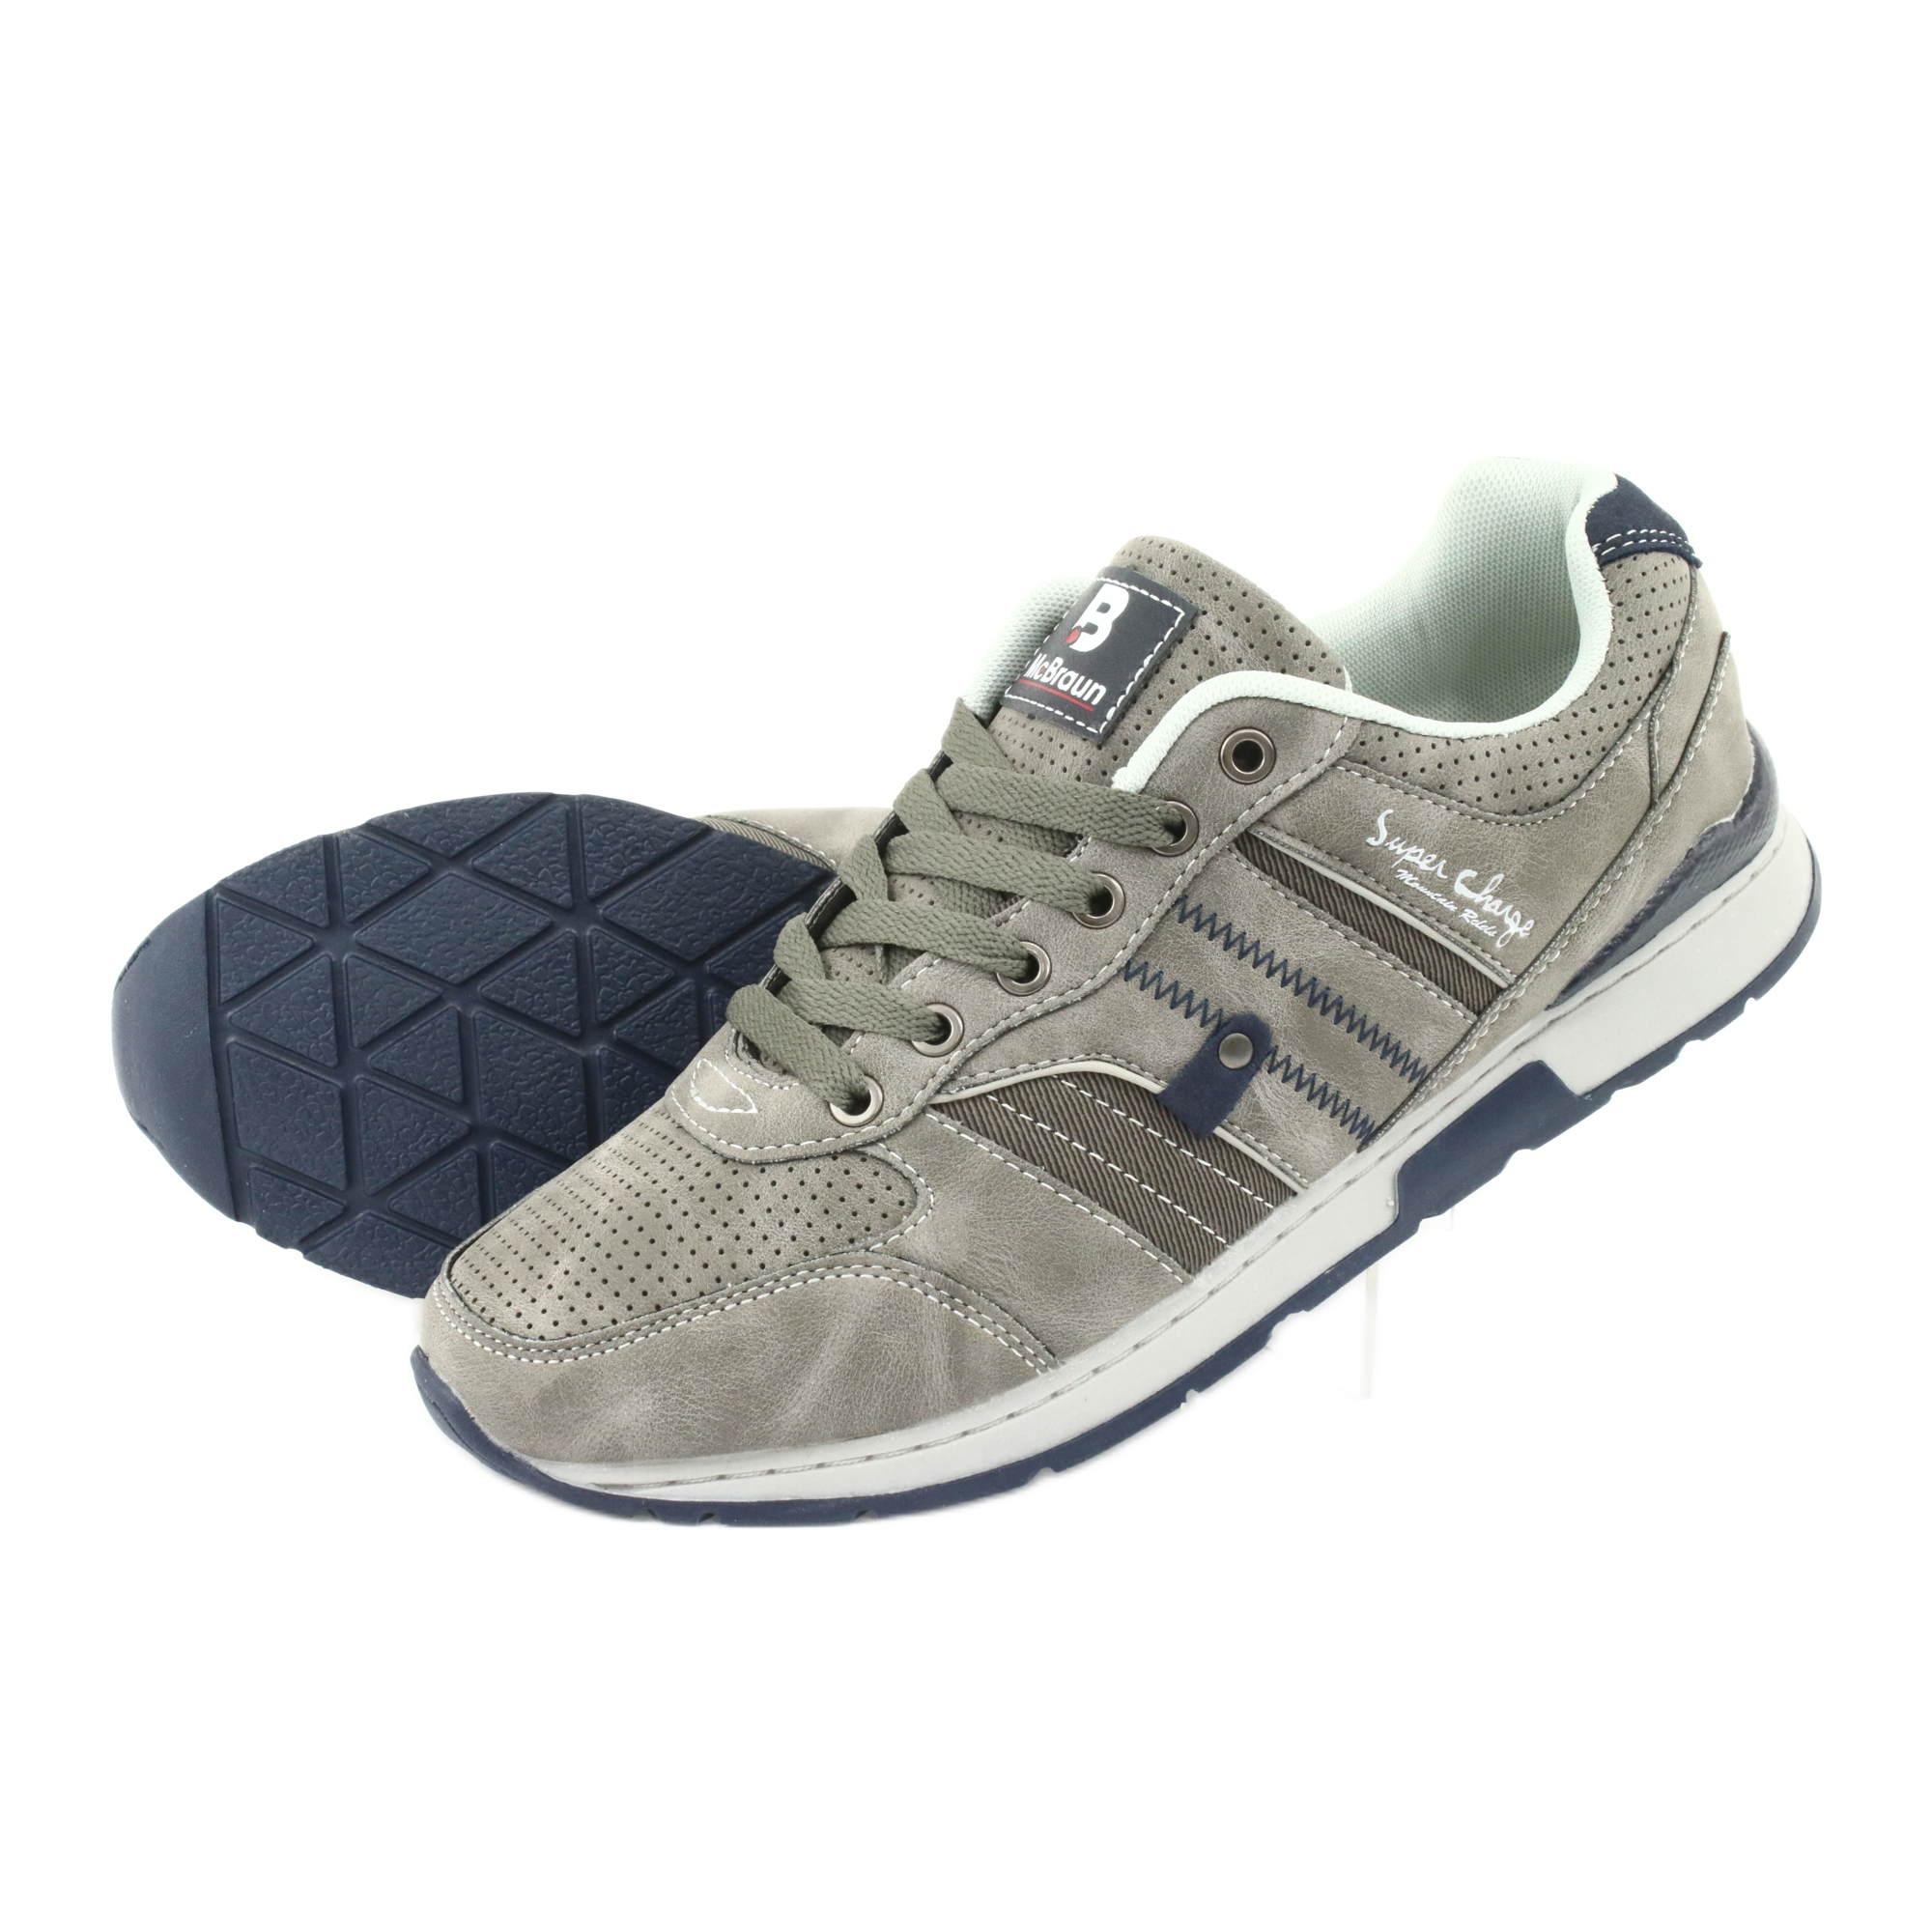 Buty Sportowe McBraun 0881 grey